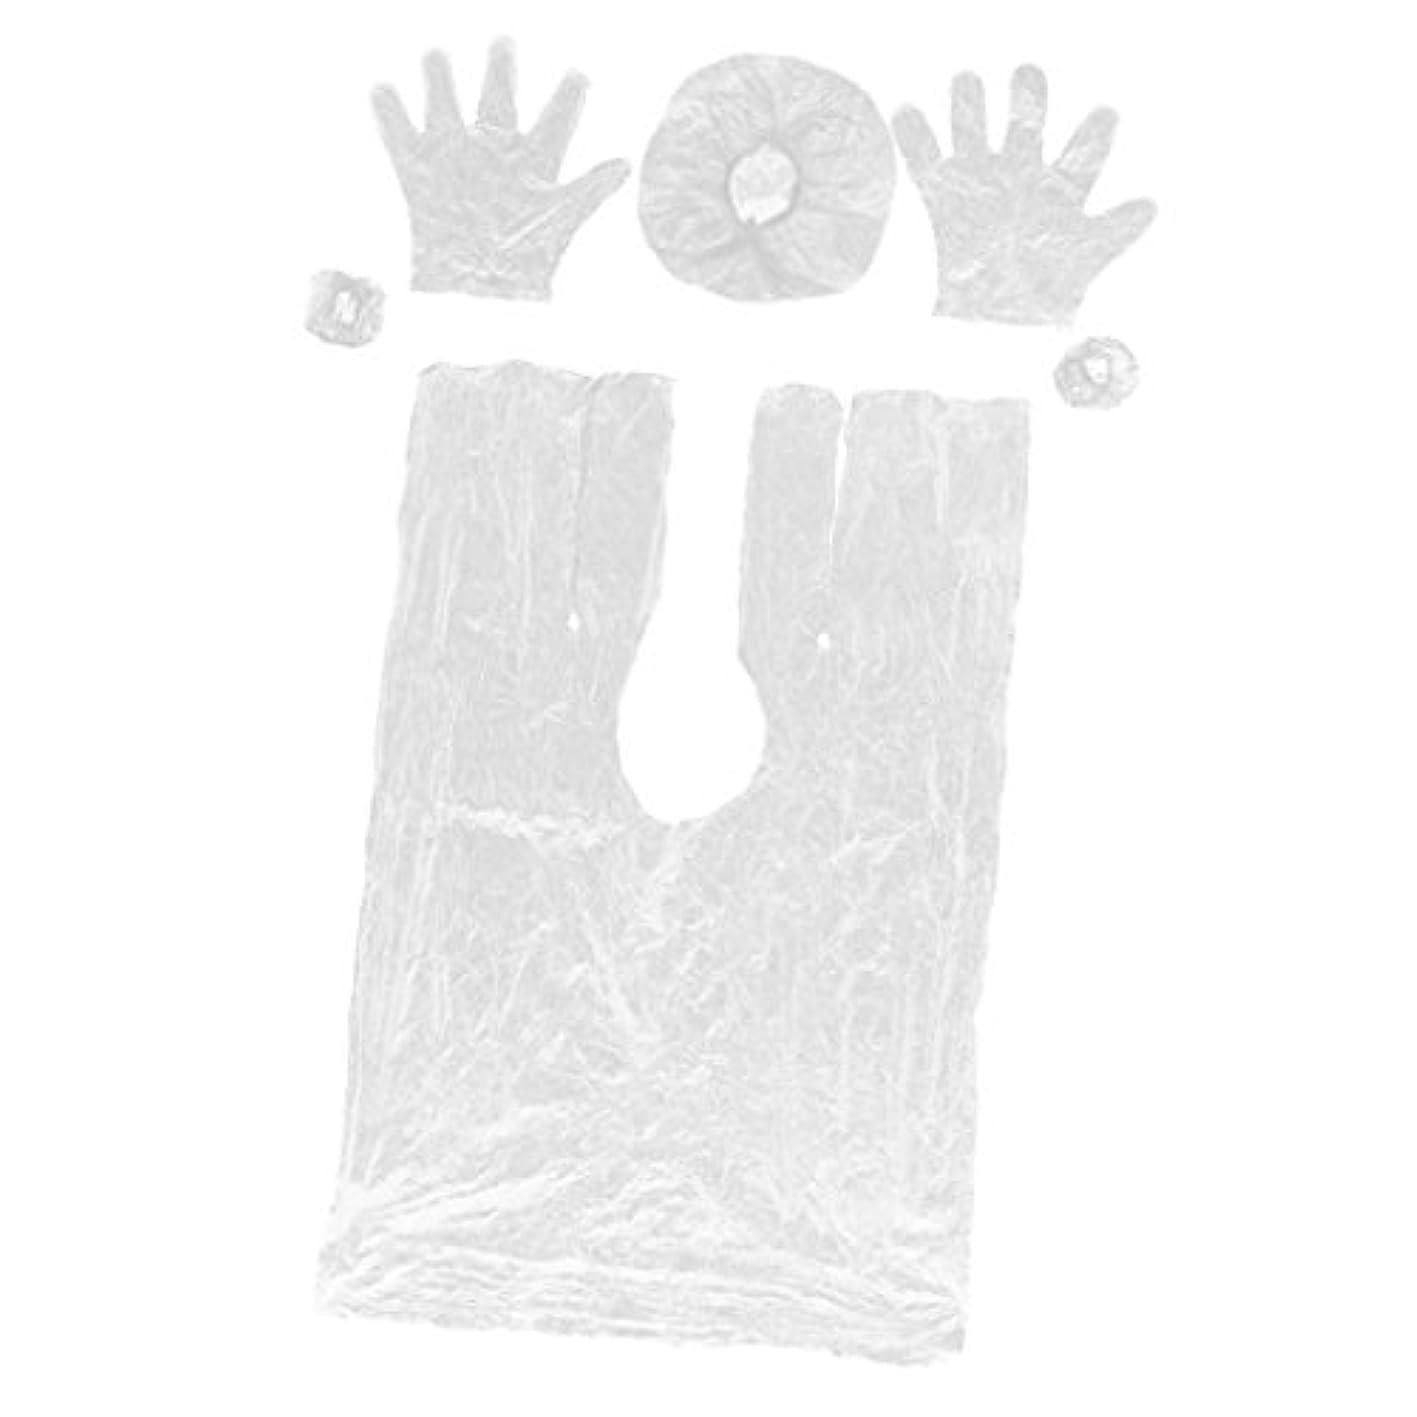 すごい中央値旅Toygogo ツール弾性キャップ、理髪ガウンケープショール、手袋、イヤーキャップイヤーマフセットを使用した使い捨てスパヘアサロンカラー染料キットの着色